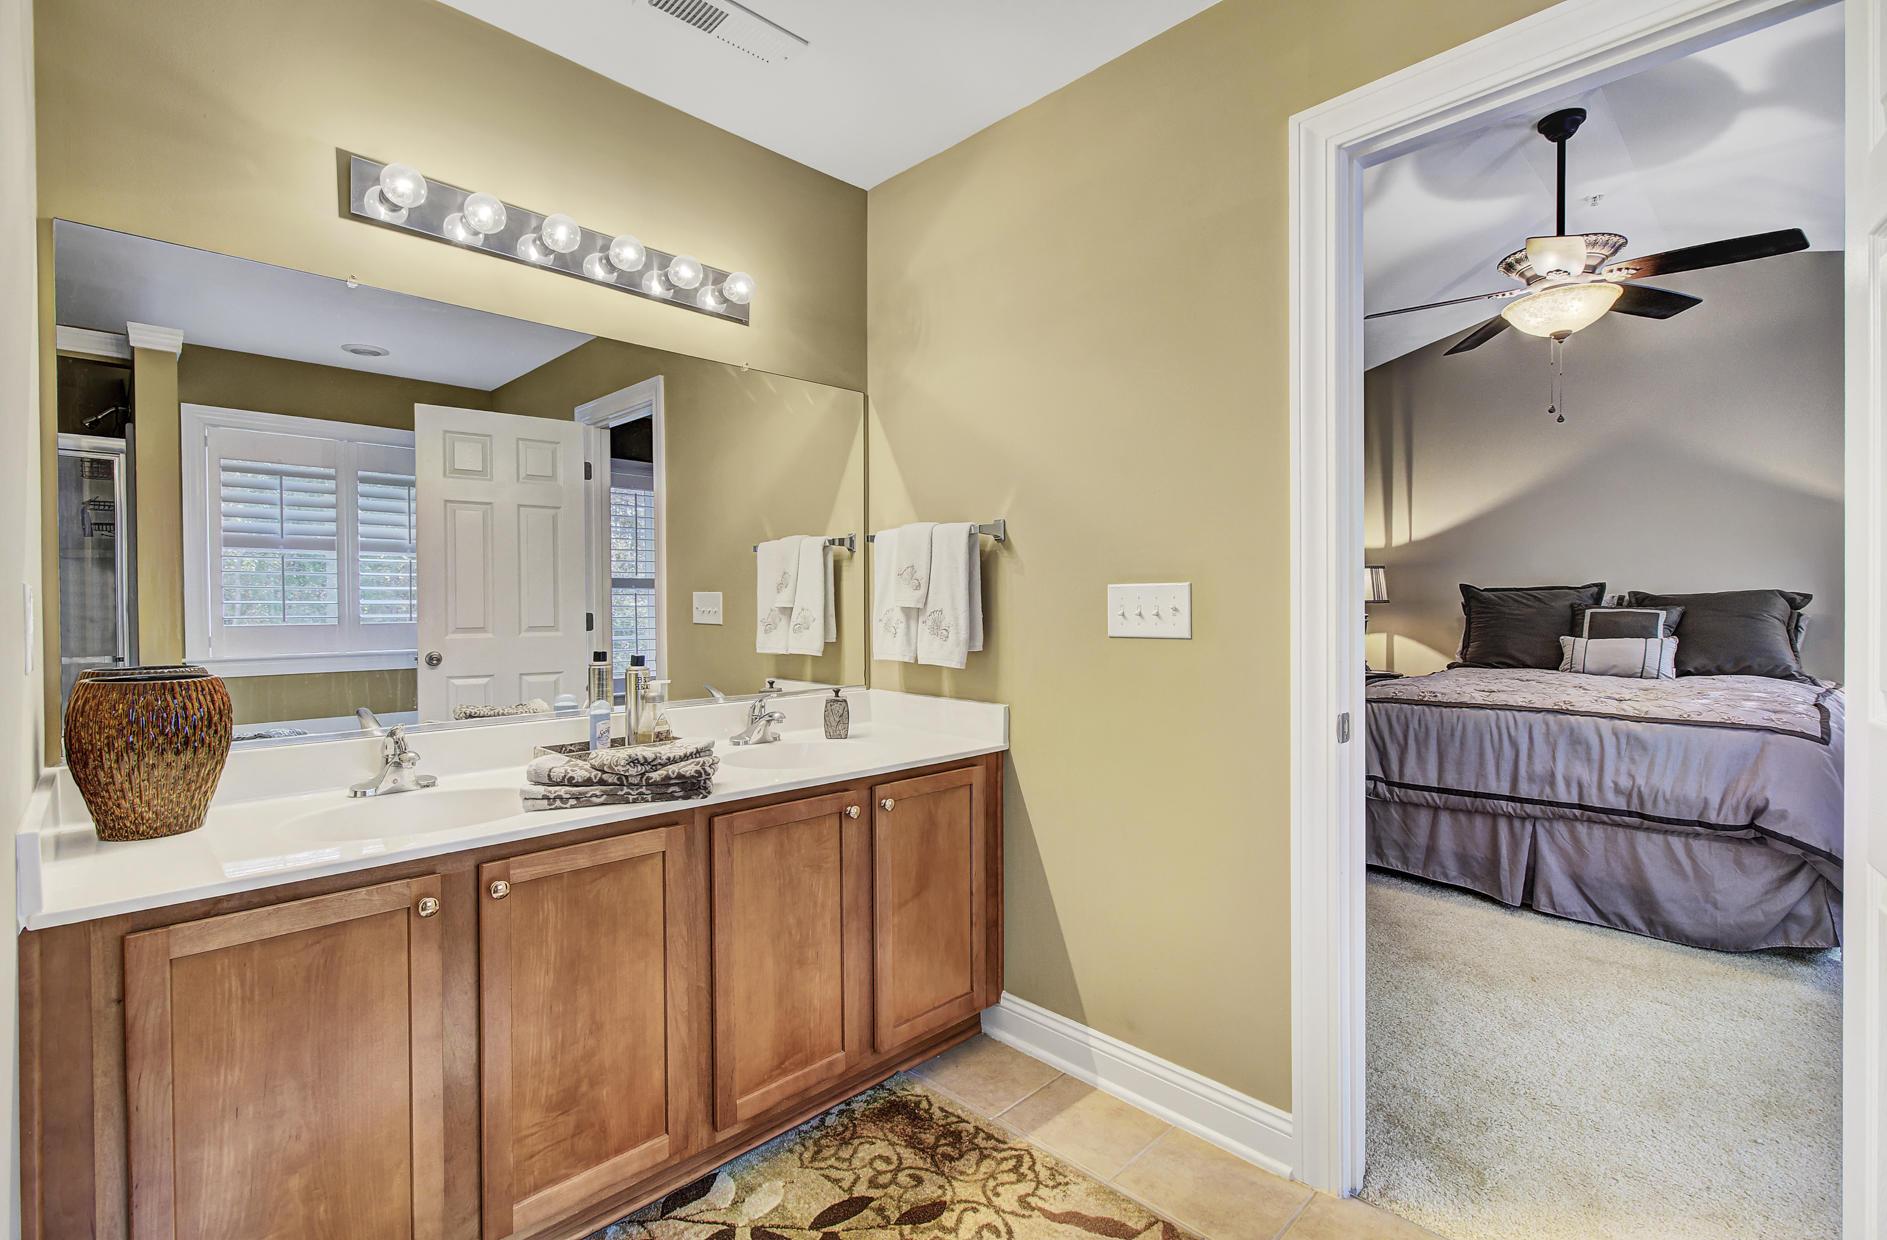 Park West Homes For Sale - 3672 Bagley, Mount Pleasant, SC - 14